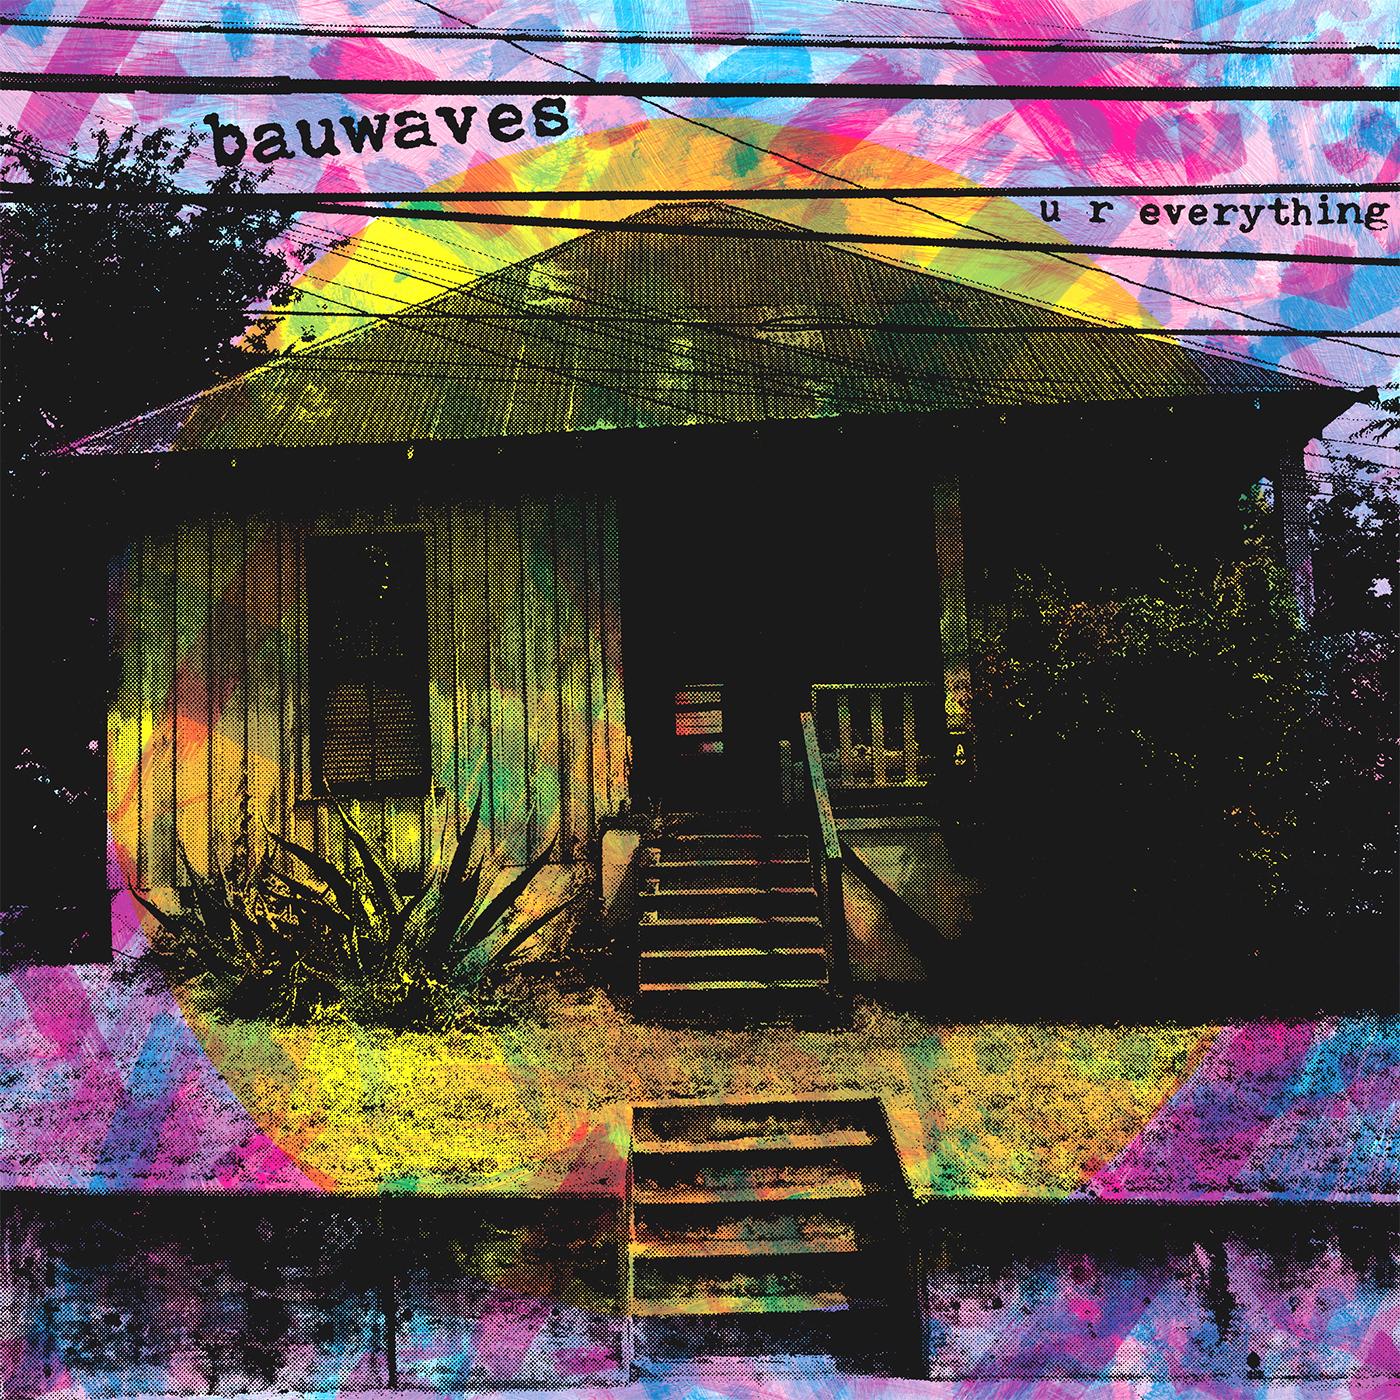 bauwaves